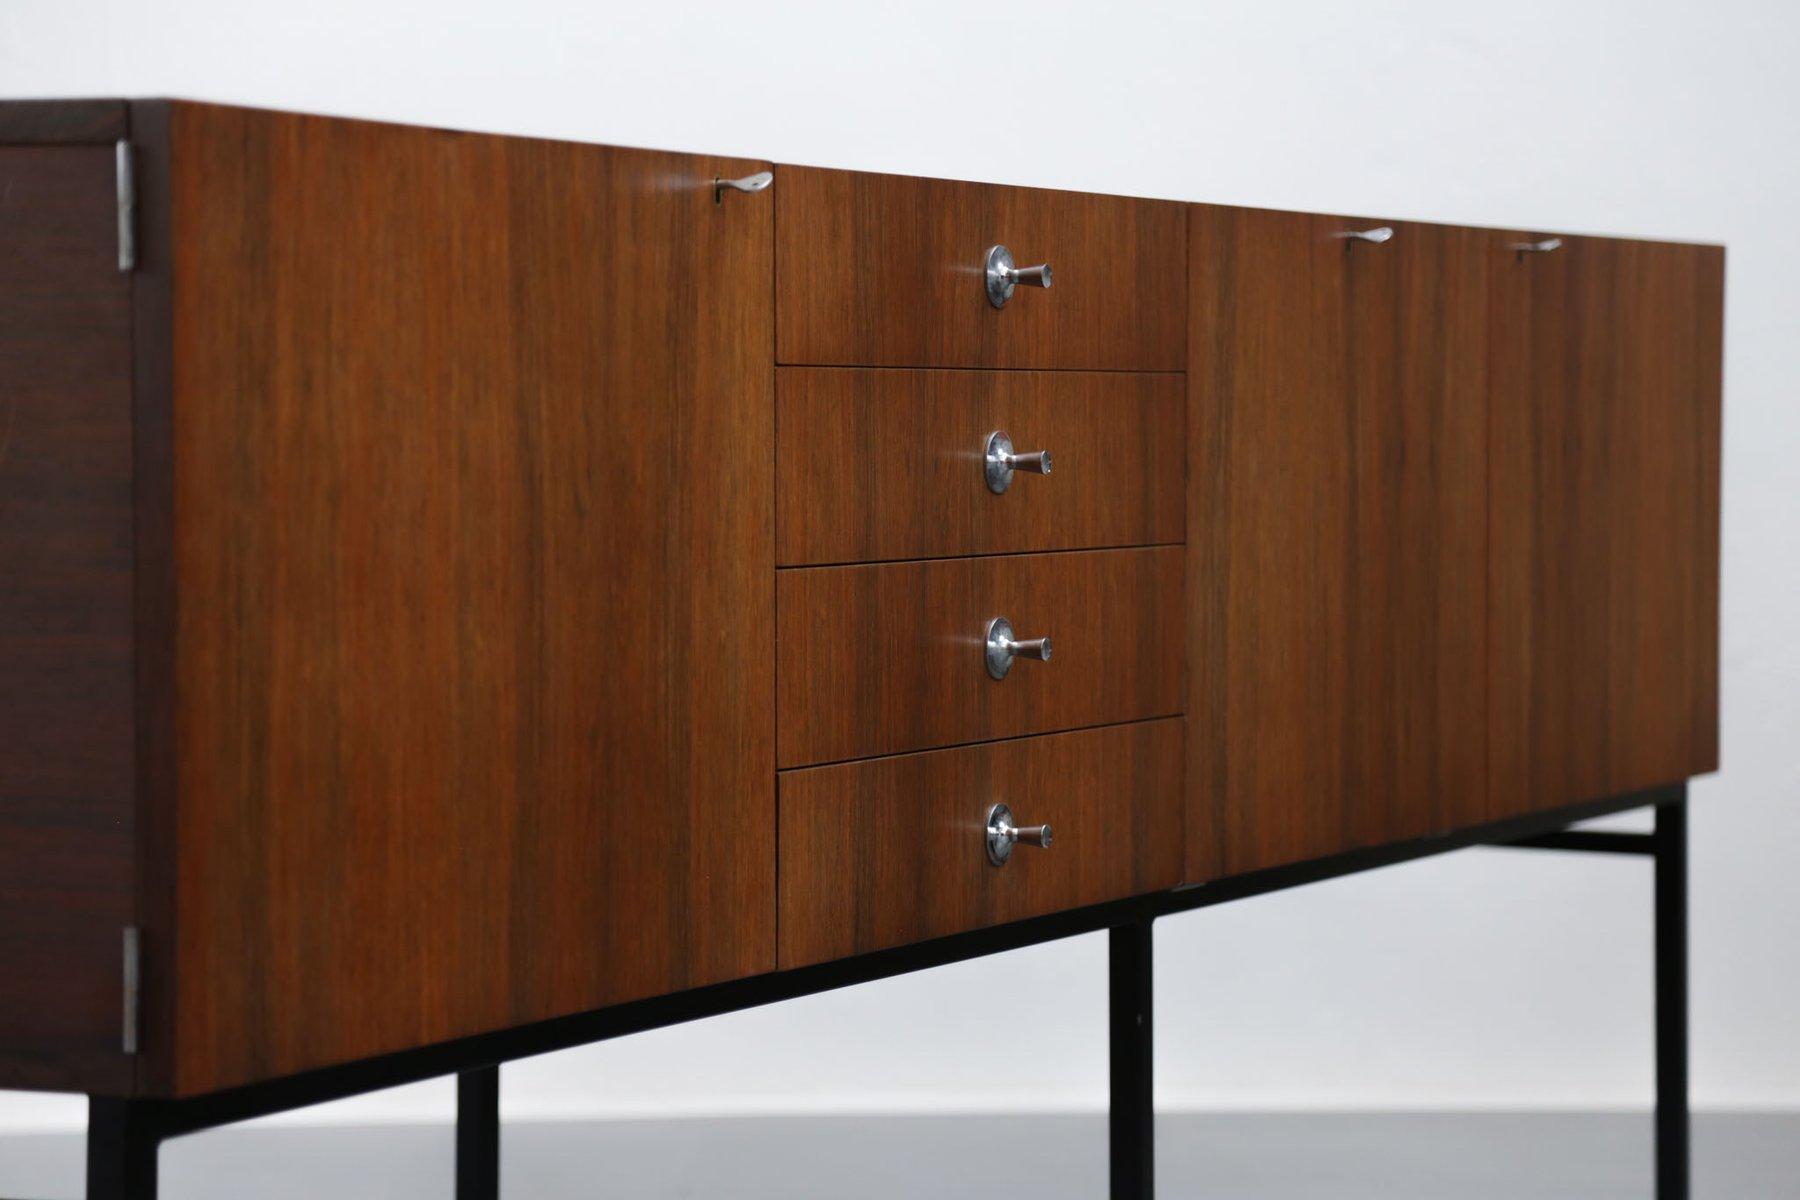 Enfilade vintage par alain richard pour meubles tv france for Meubles richard